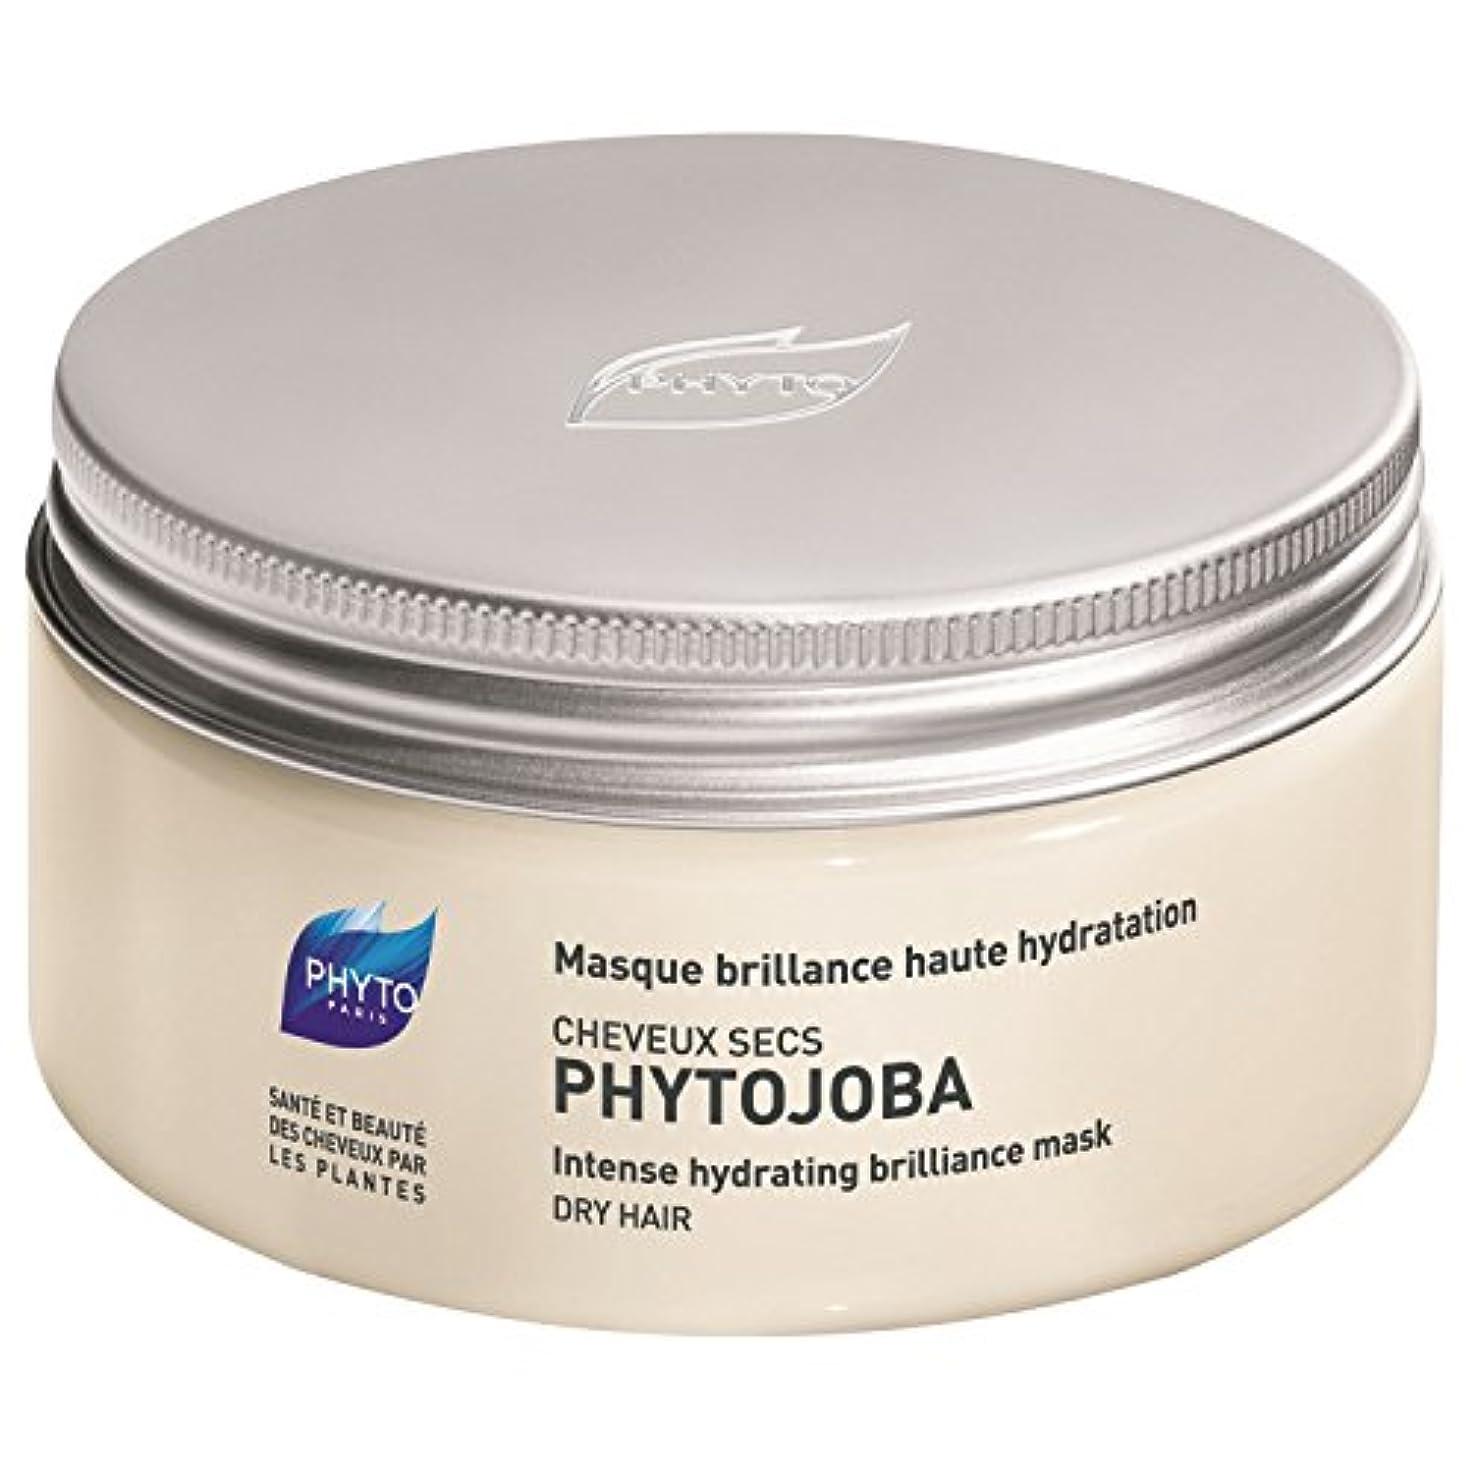 脚本家複雑風フィトPhytojoba強烈な水分補給マスク200ミリリットル (Phyto) (x6) - Phyto Phytojoba Intense Hydrating Mask 200ml (Pack of 6) [並行輸入品]